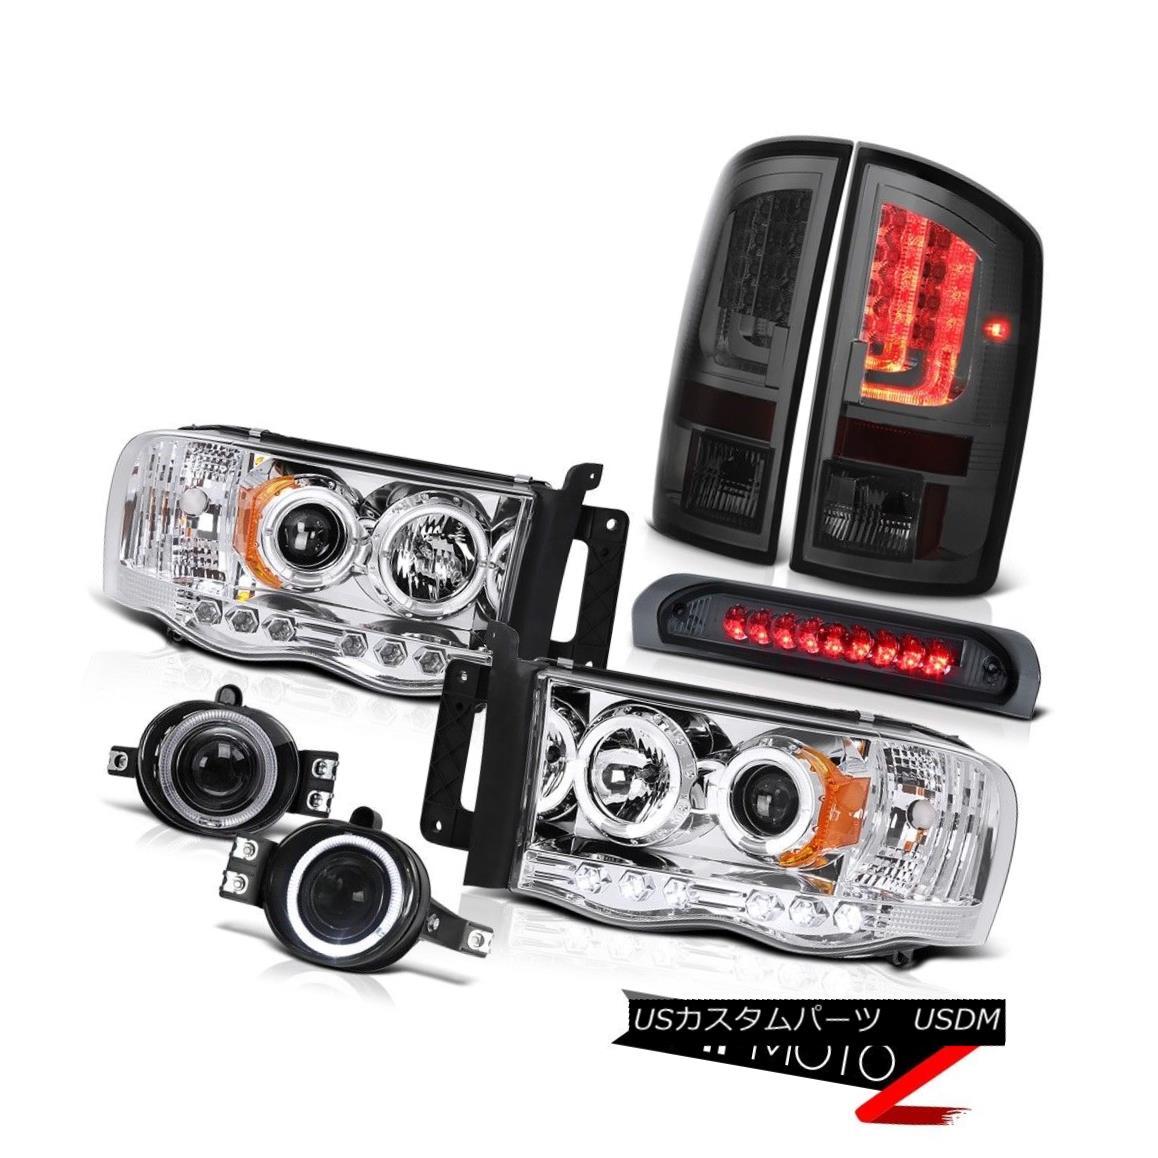 テールライト 2003-2005 Dodge Ram 2500 5.9L Tail Lamps Headlamps Fog High STop Light Dual Halo 2003-2005 Dodge Ram 2500 5.9LテールランプヘッドランプFog High STOPライトデュアルヘイロー